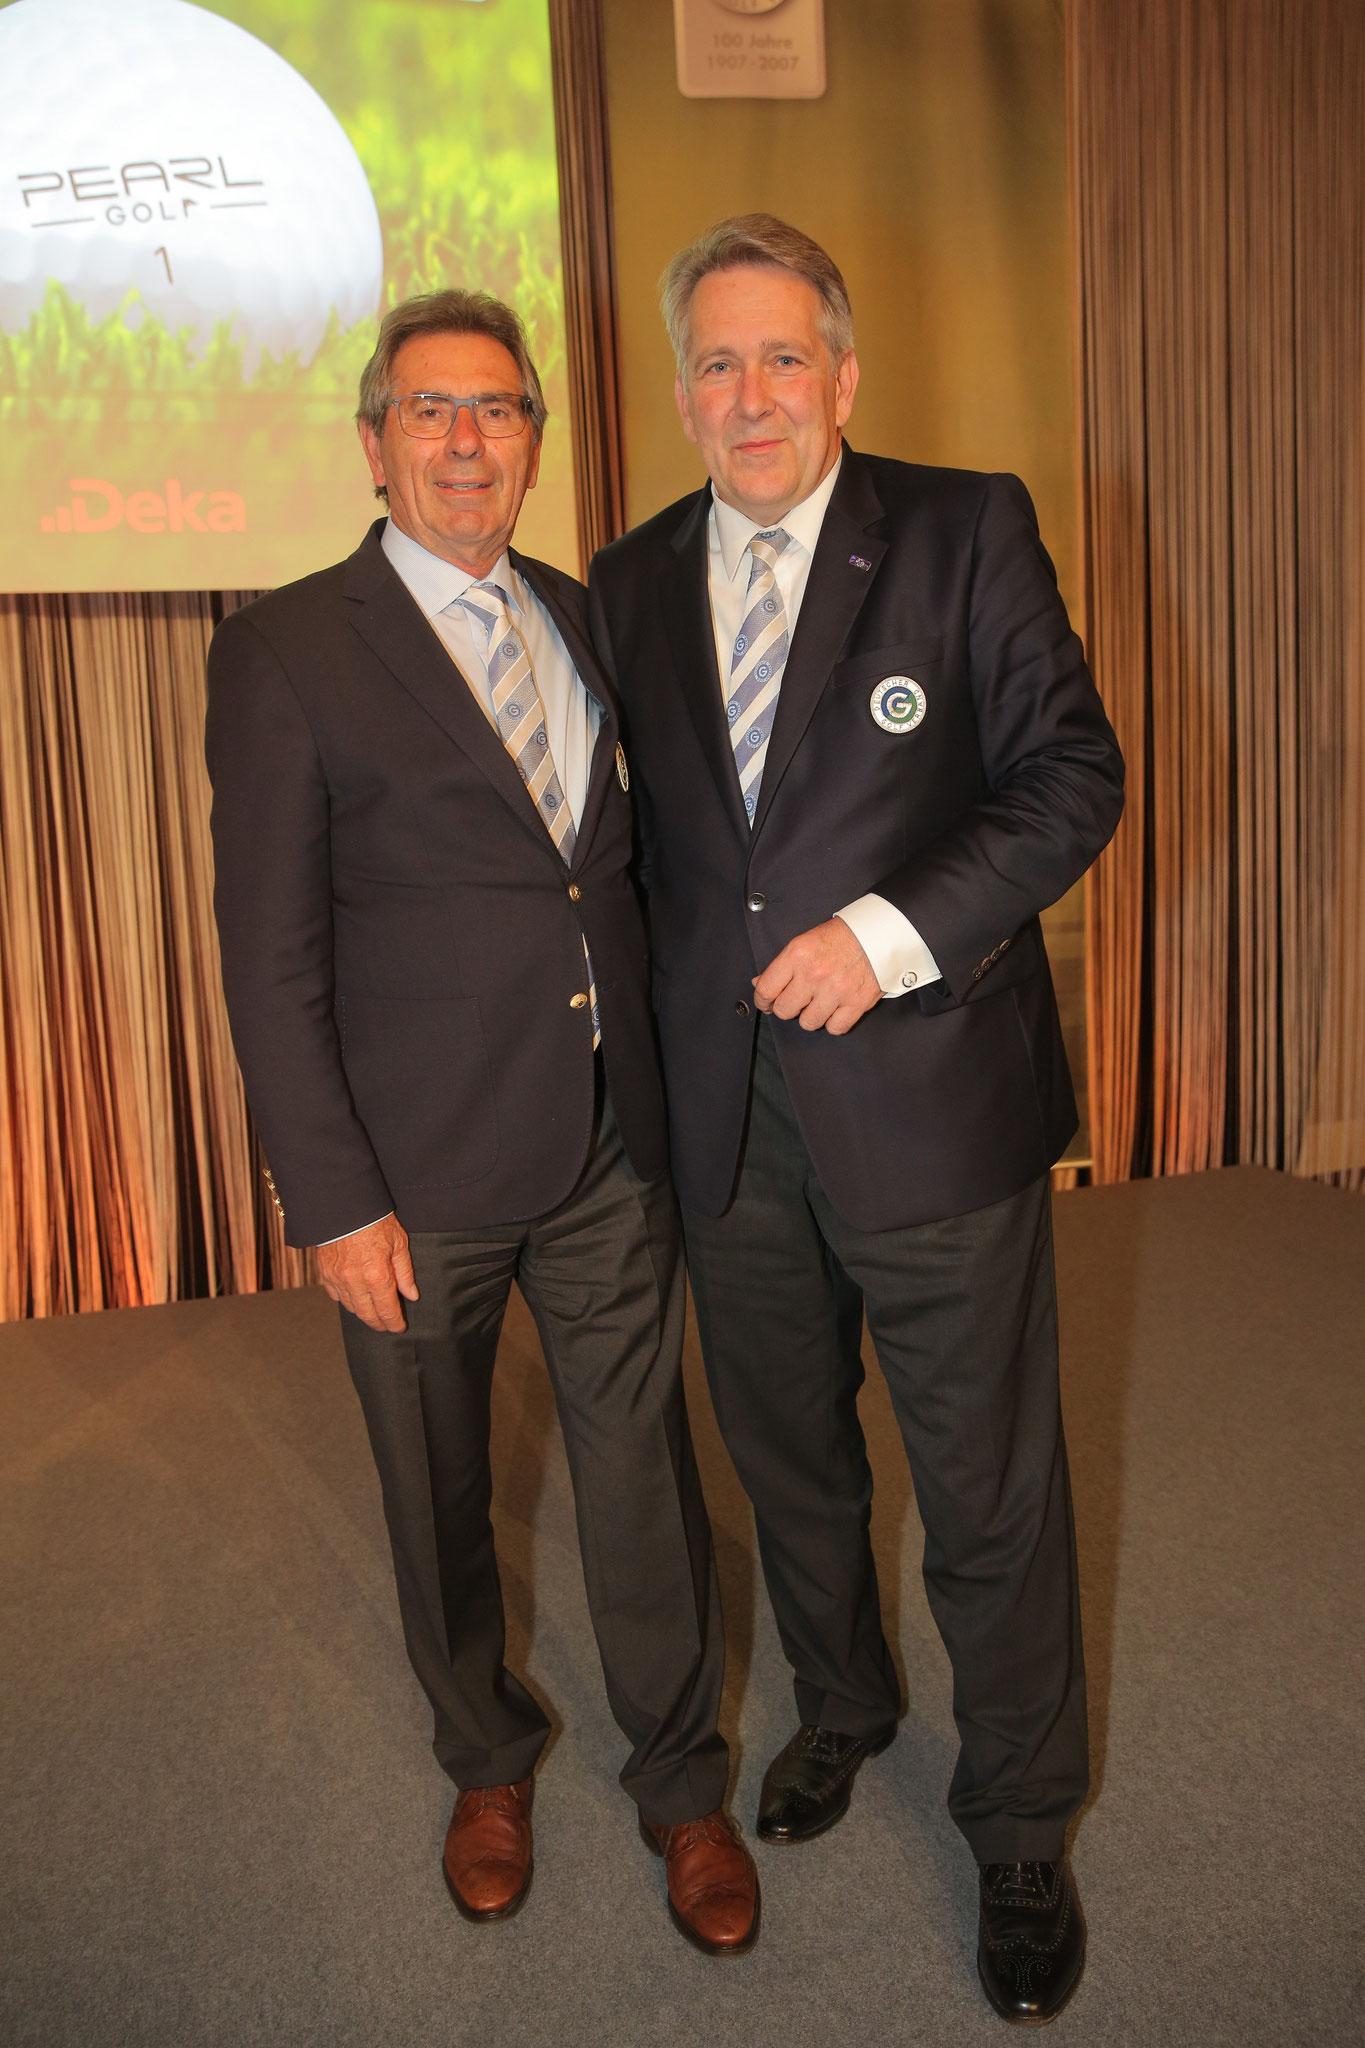 DGV-Präsident Claus M. Kobold gratuliert Otto Leibfritz zu seiner Wahl - © DGV